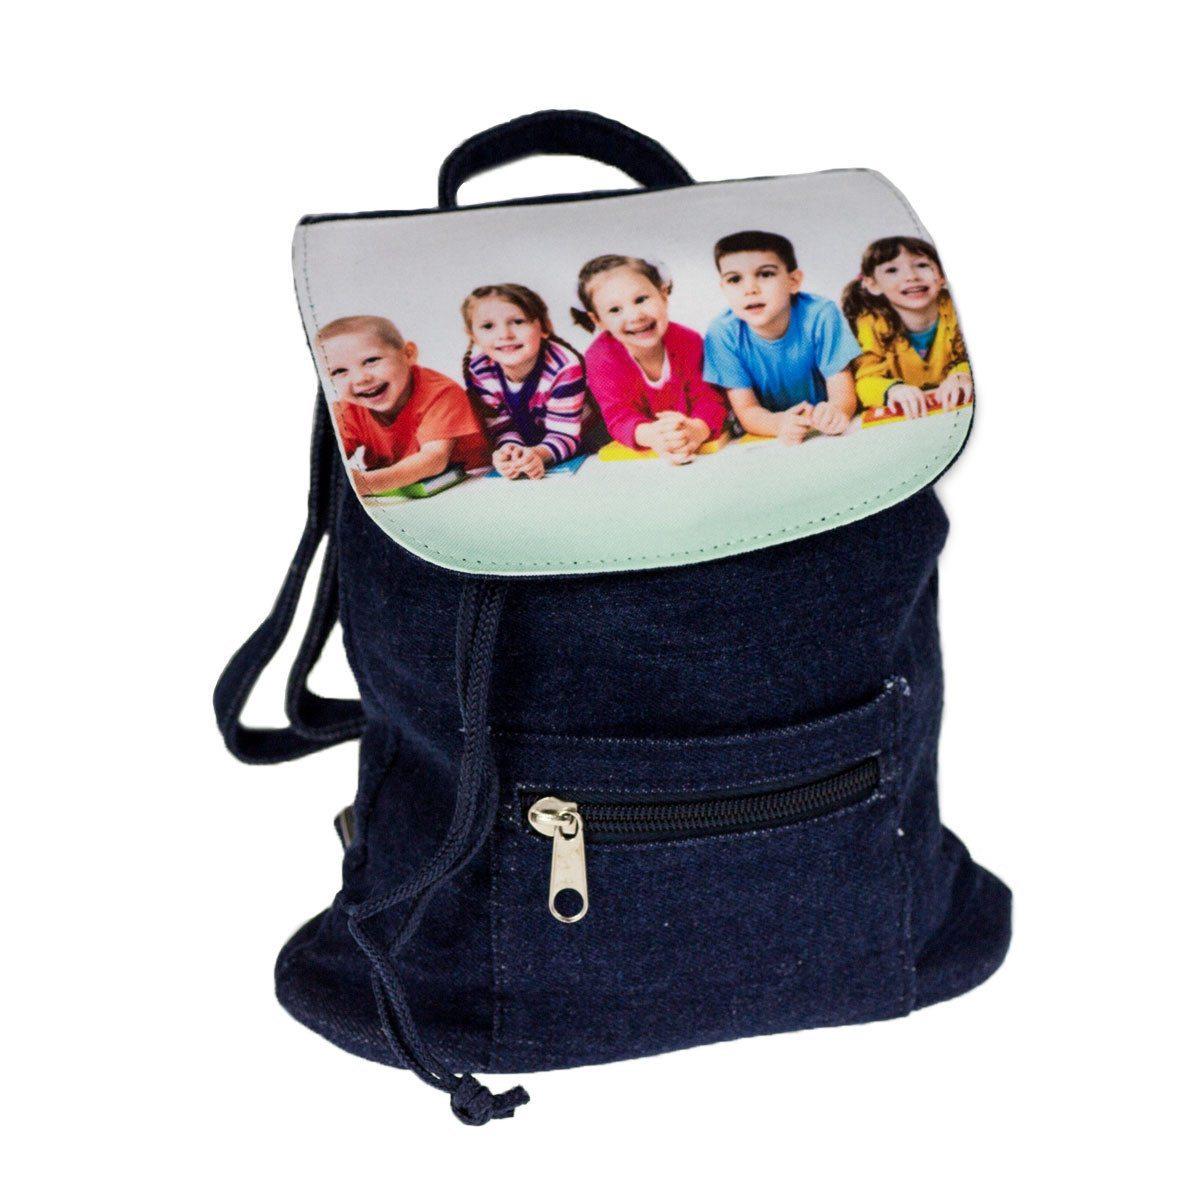 Børnerygsæk med personligt fototryk